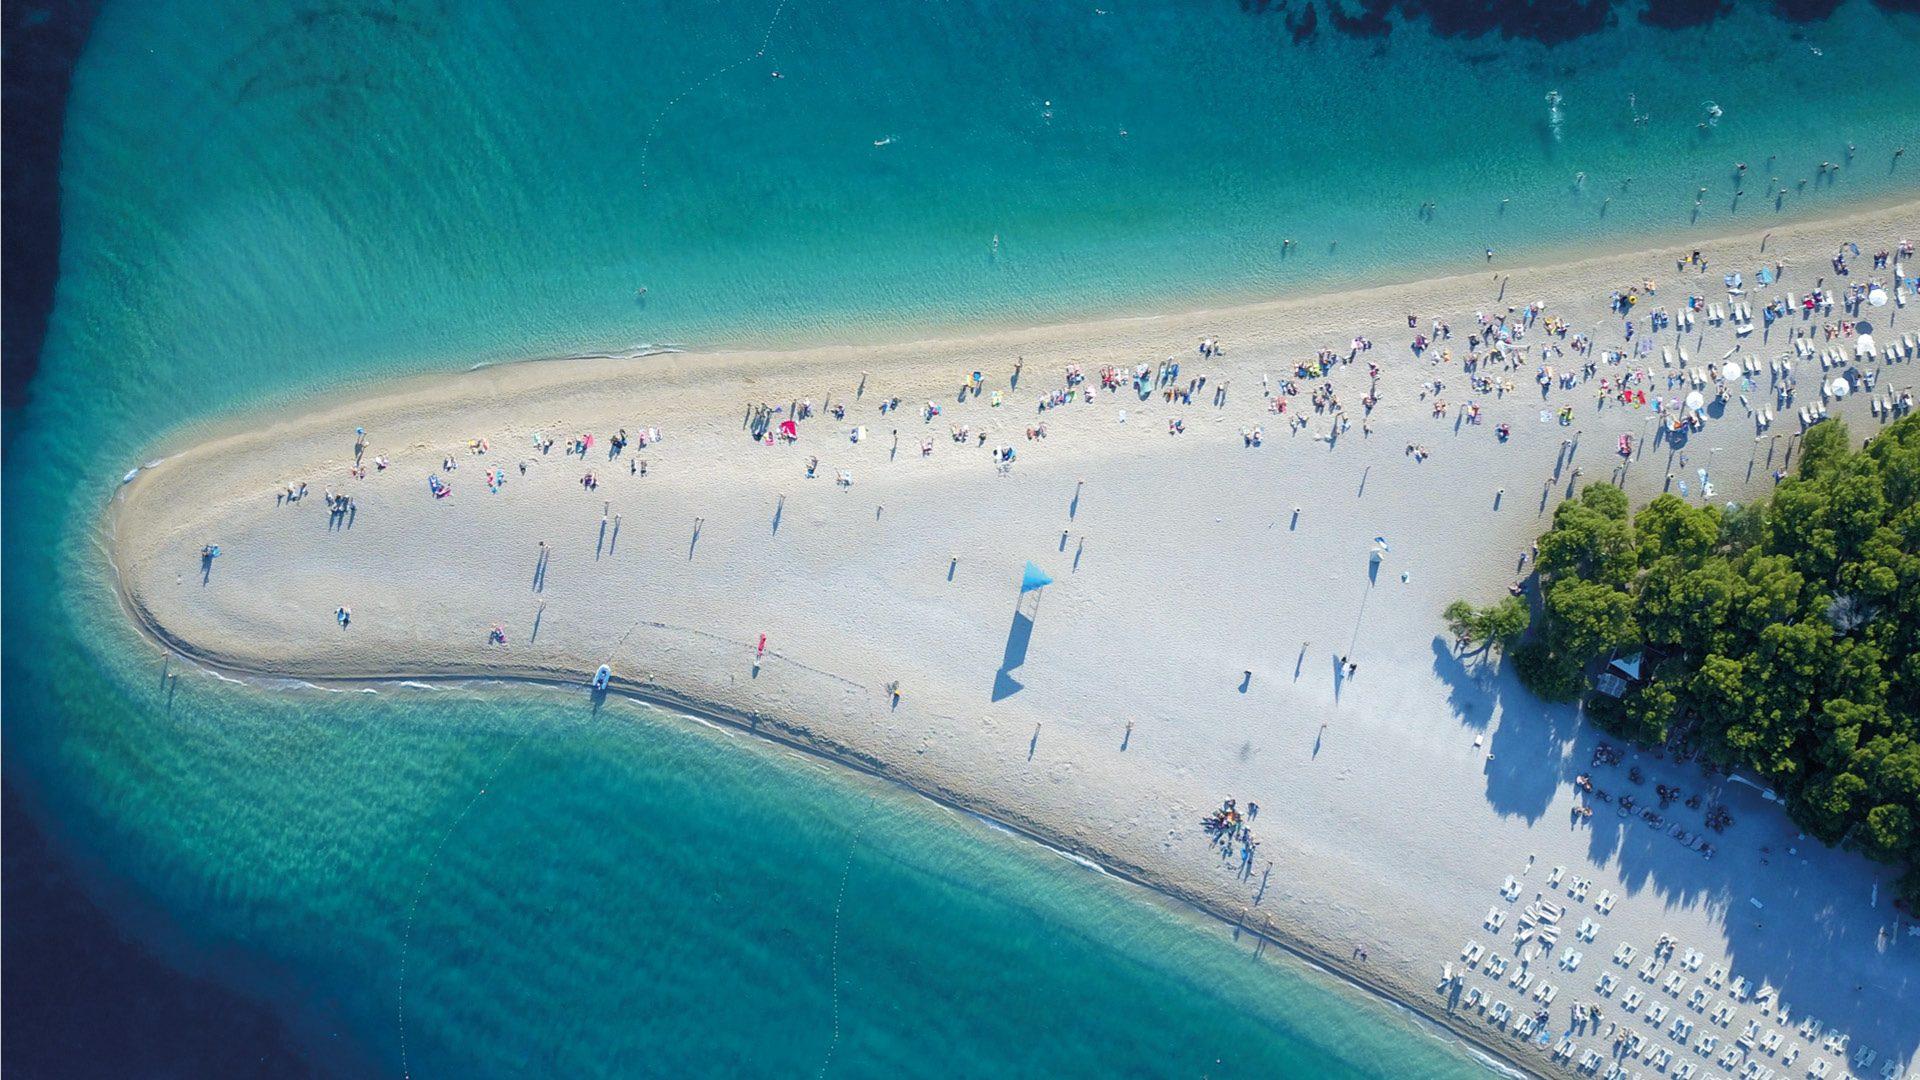 Bra het mooiste eiland van Kroati  REiSREPORT